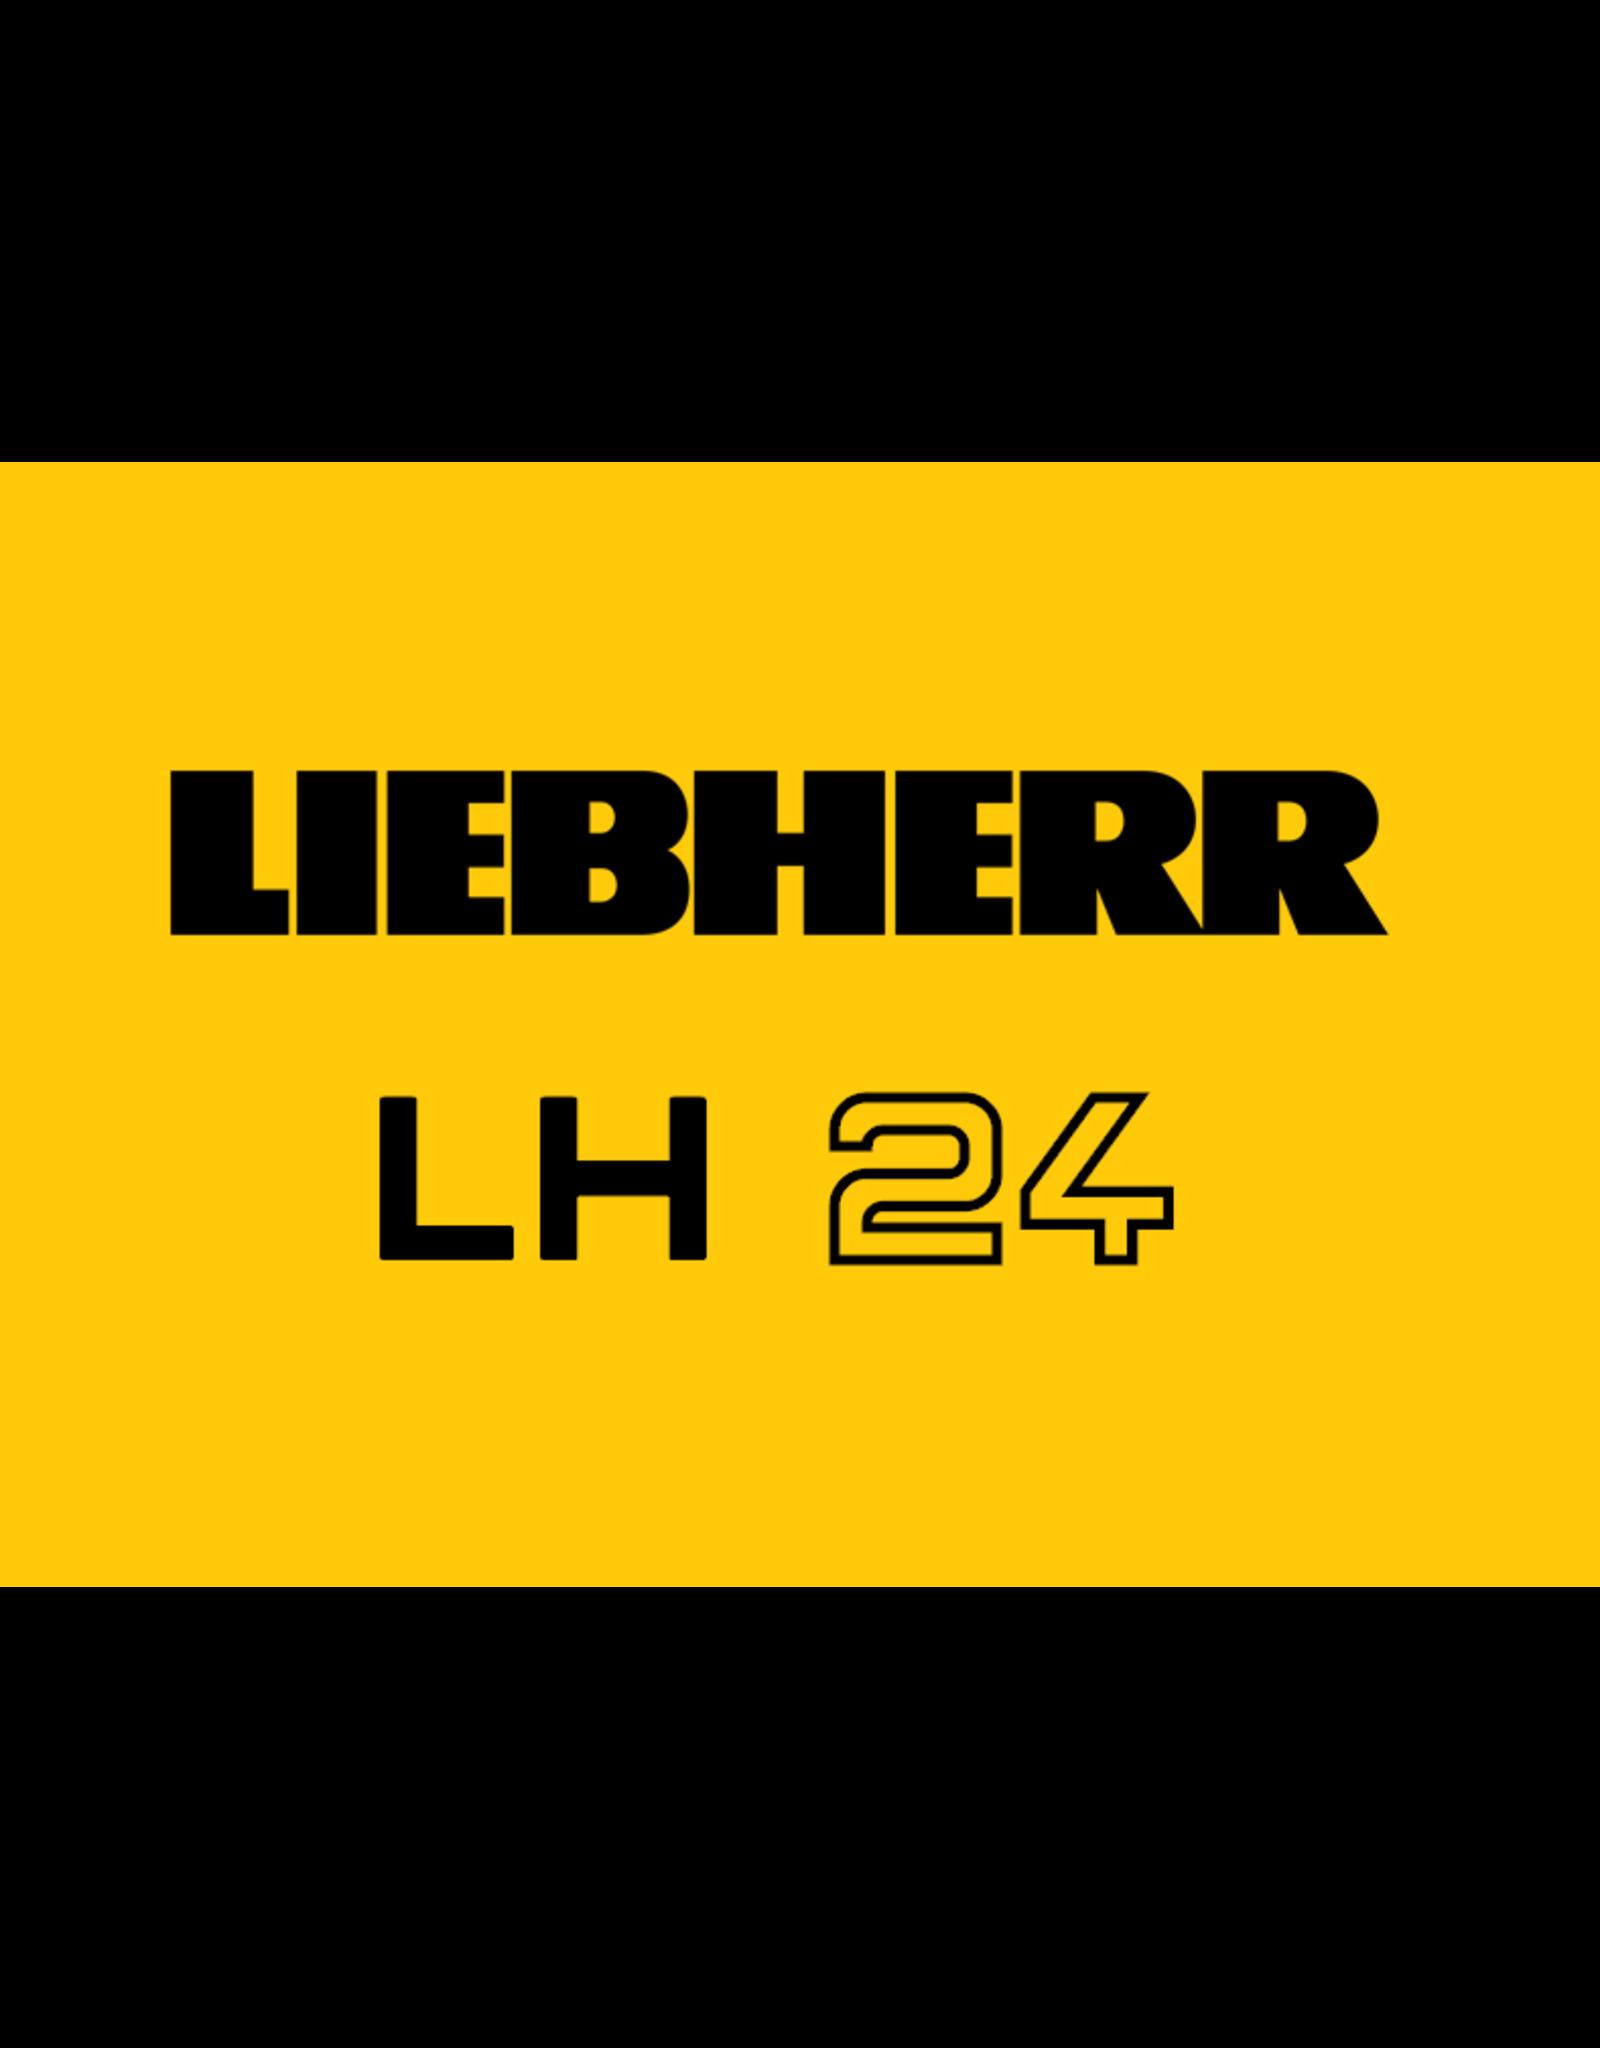 Echle Hartstahl GmbH FOPS für Liebherr LH 24